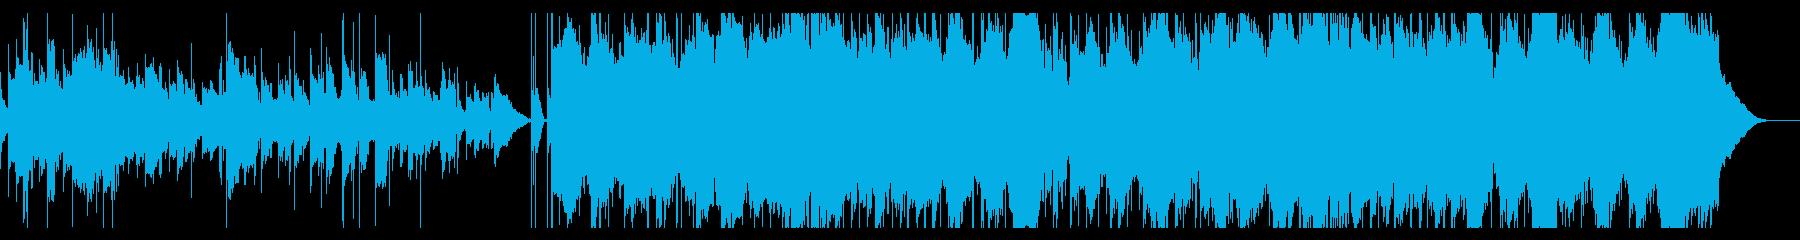 リラックスゆったりしたチルアウトその2の再生済みの波形